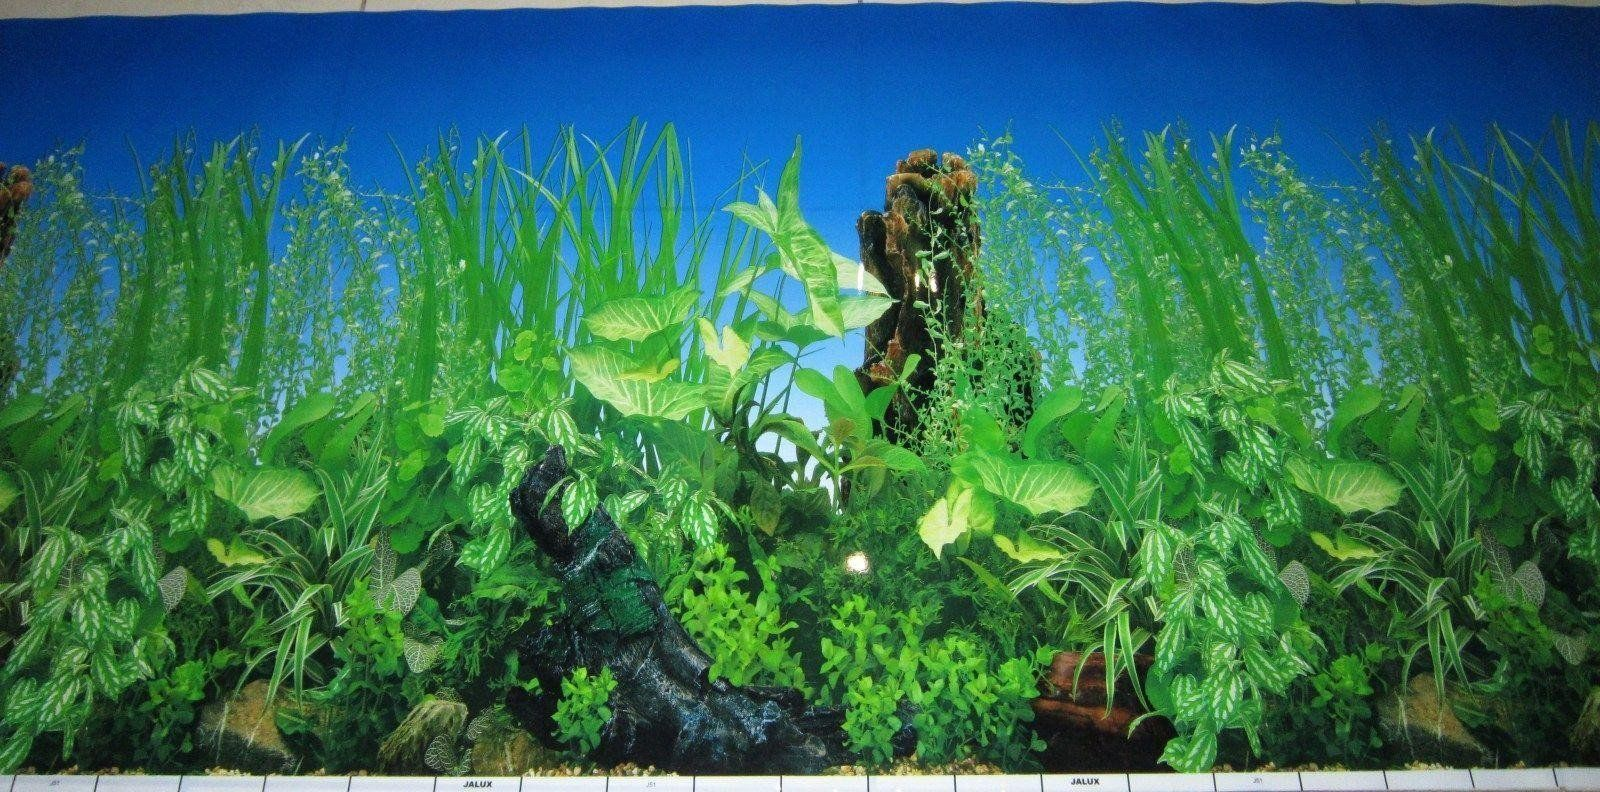 Fish Tank Background Printable Aquarium Backgrounds to ...  Printable Aquarium Background